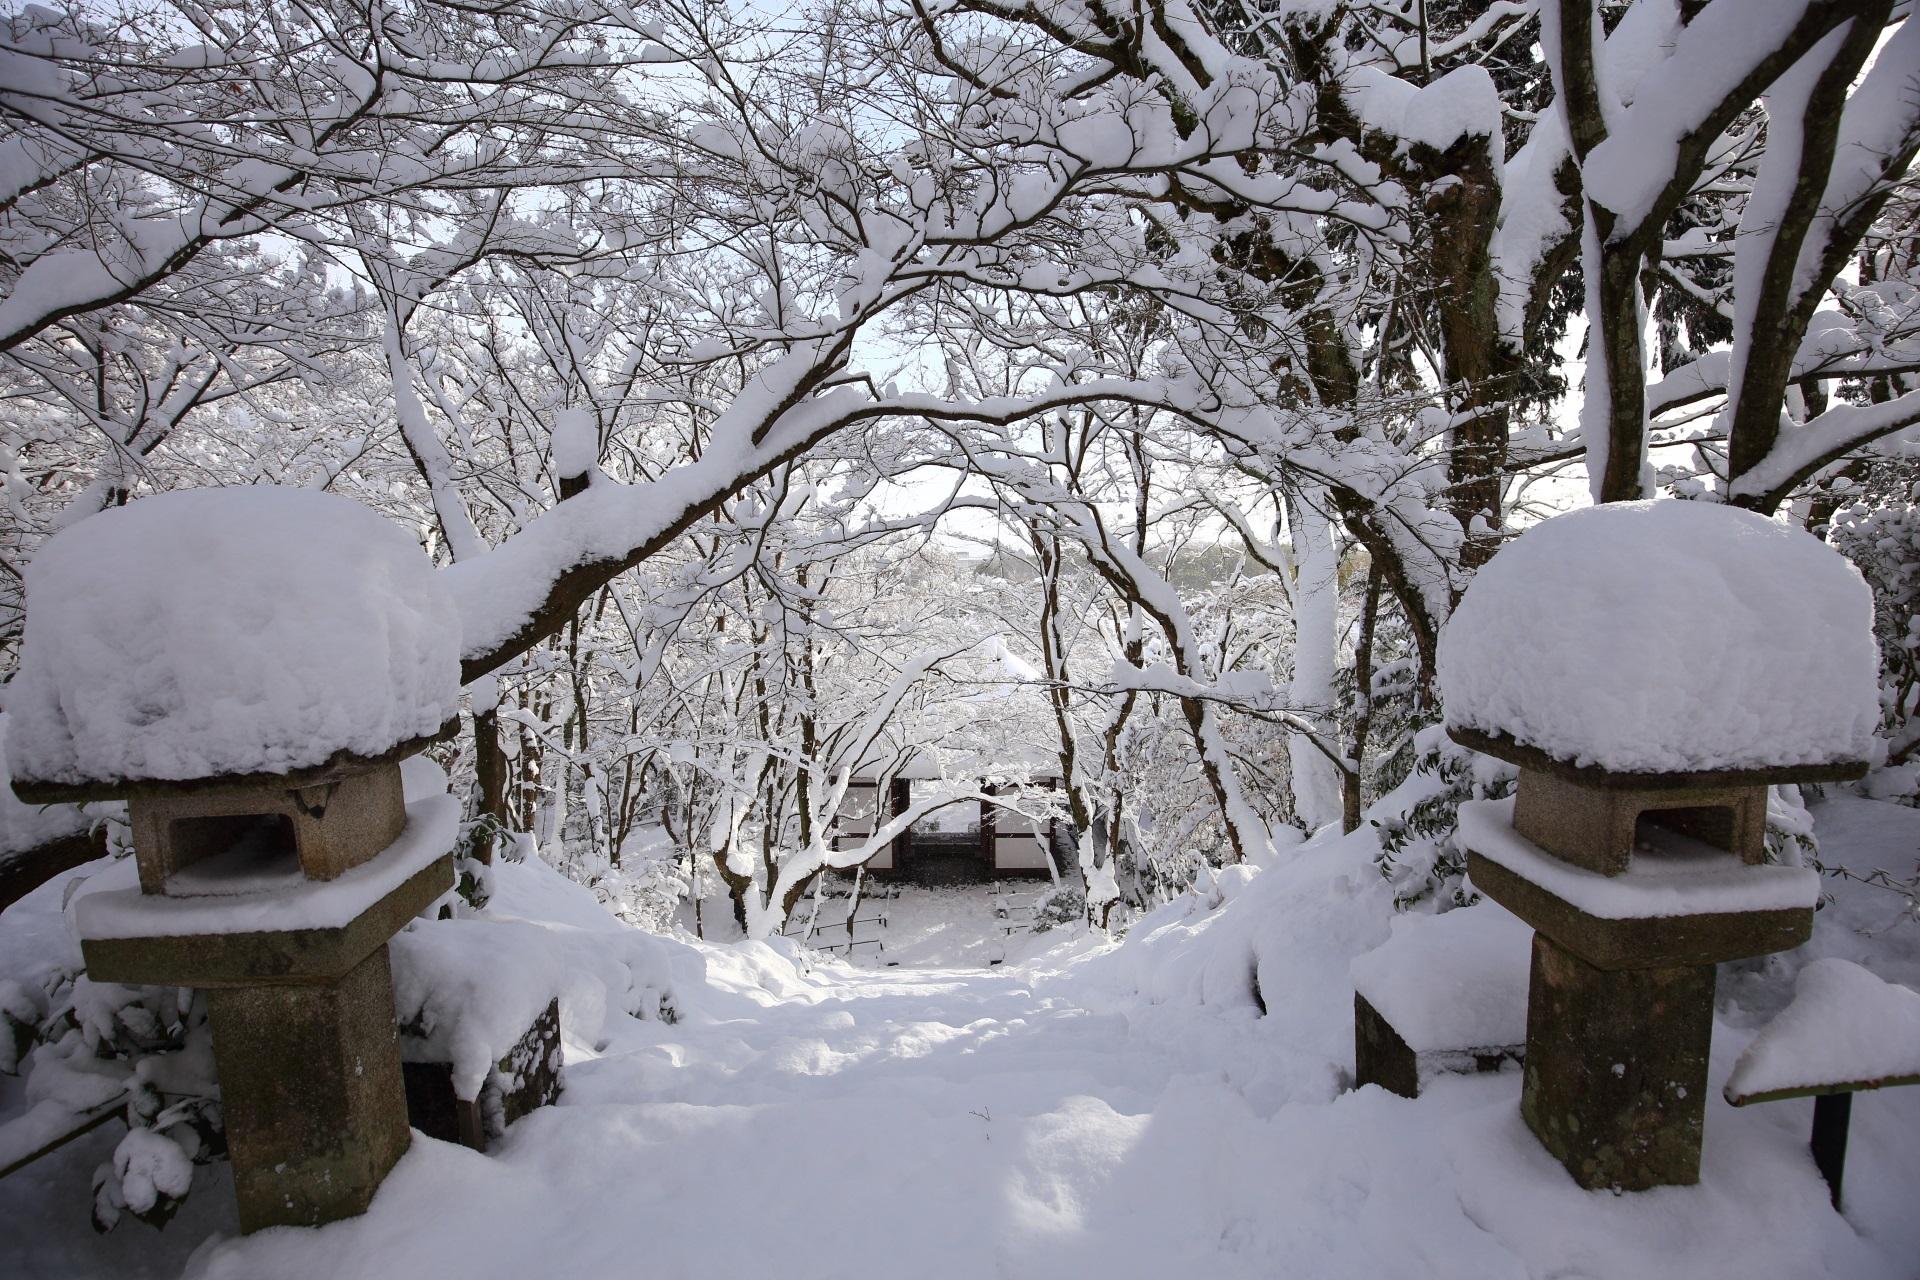 灯篭にも雪がいっぱい積もる嵯峨野の常寂光寺(じょうじゃっこうじ)